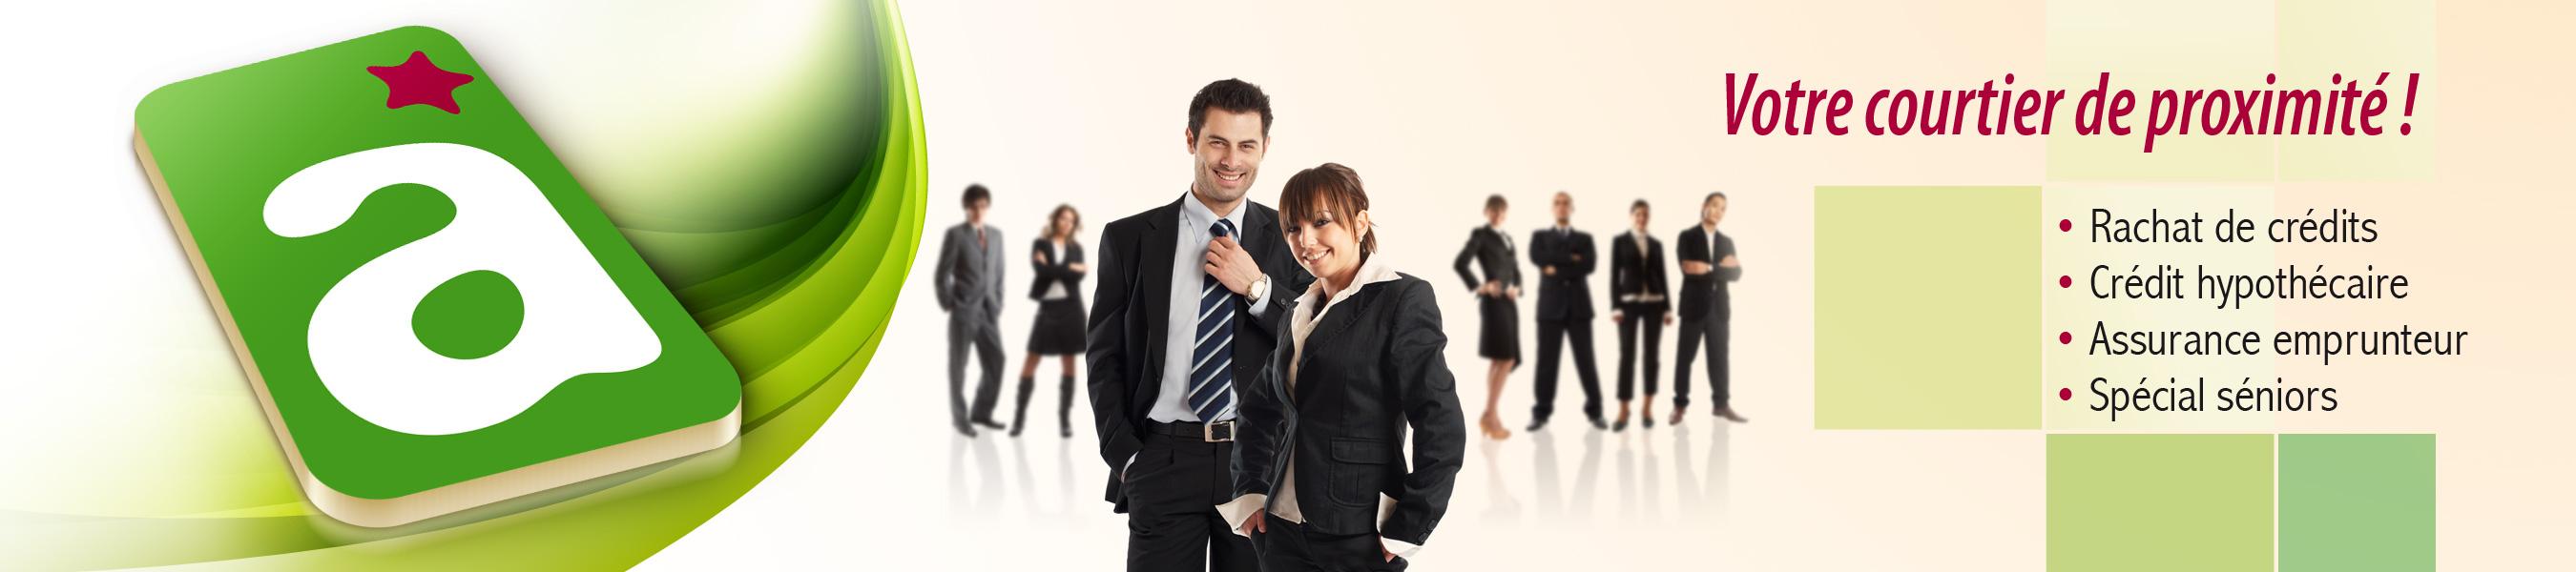 Agevar spécialiste en rachat de crédit et crédit hypothécaire sur la région PACA